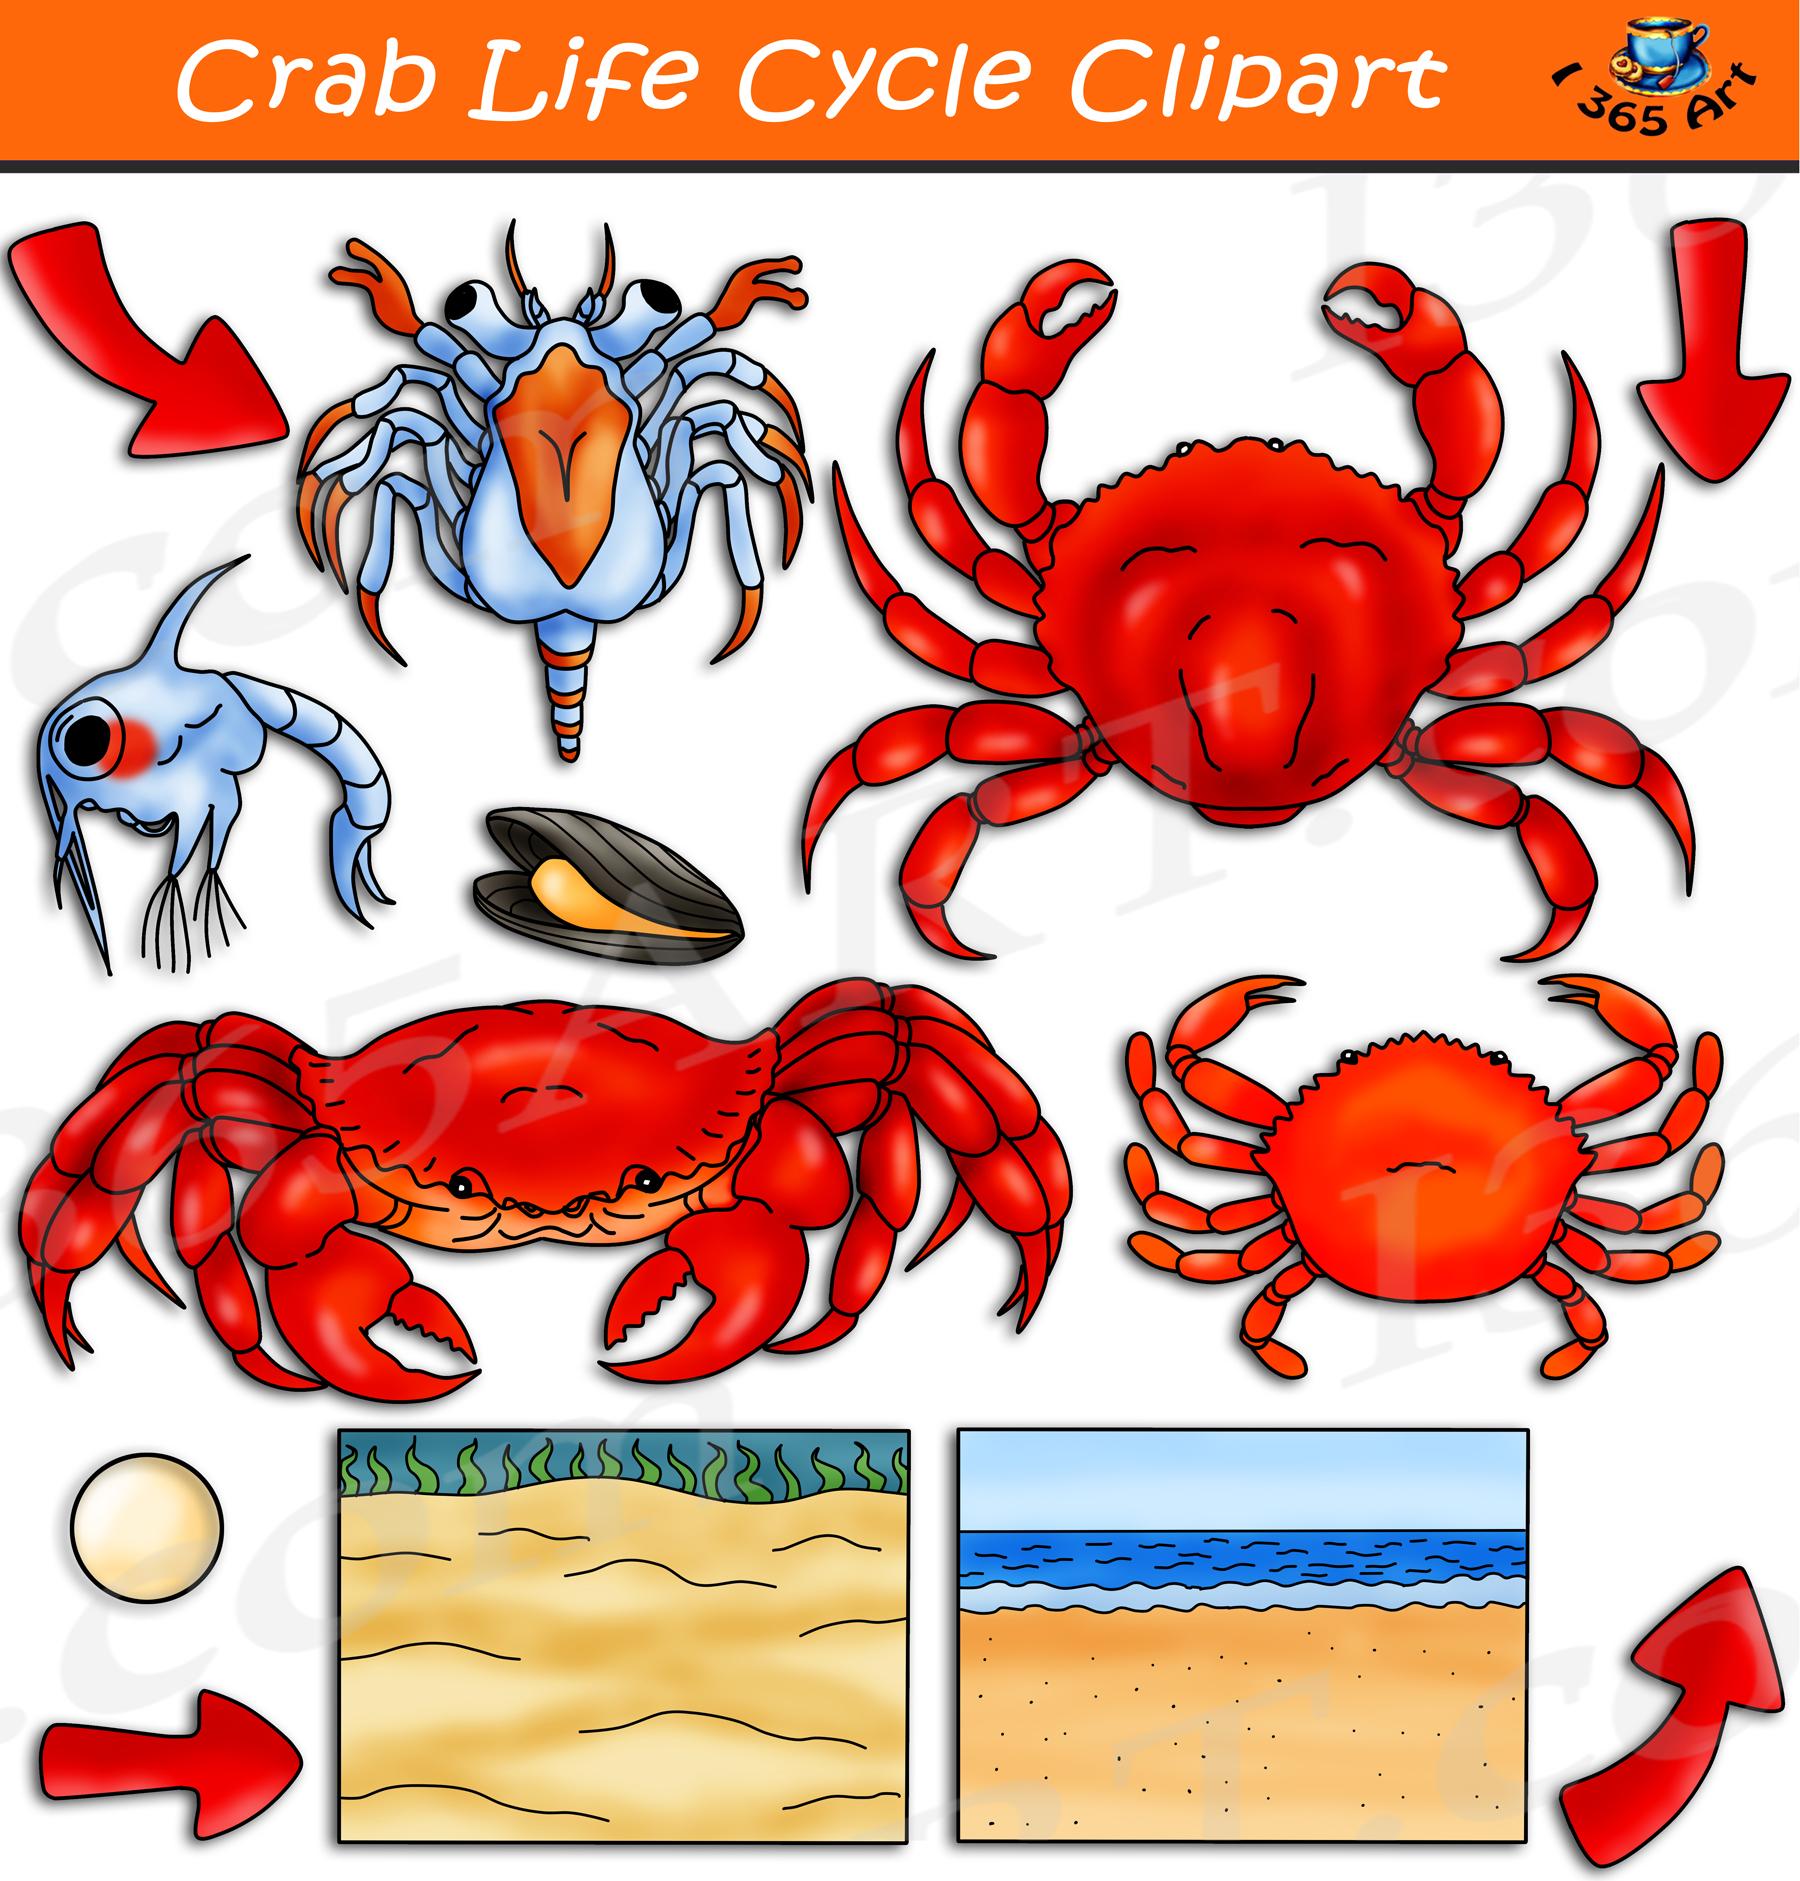 Crabs crab clipart free clip art images clipartwiz   Crab clipart ...   1881x1800